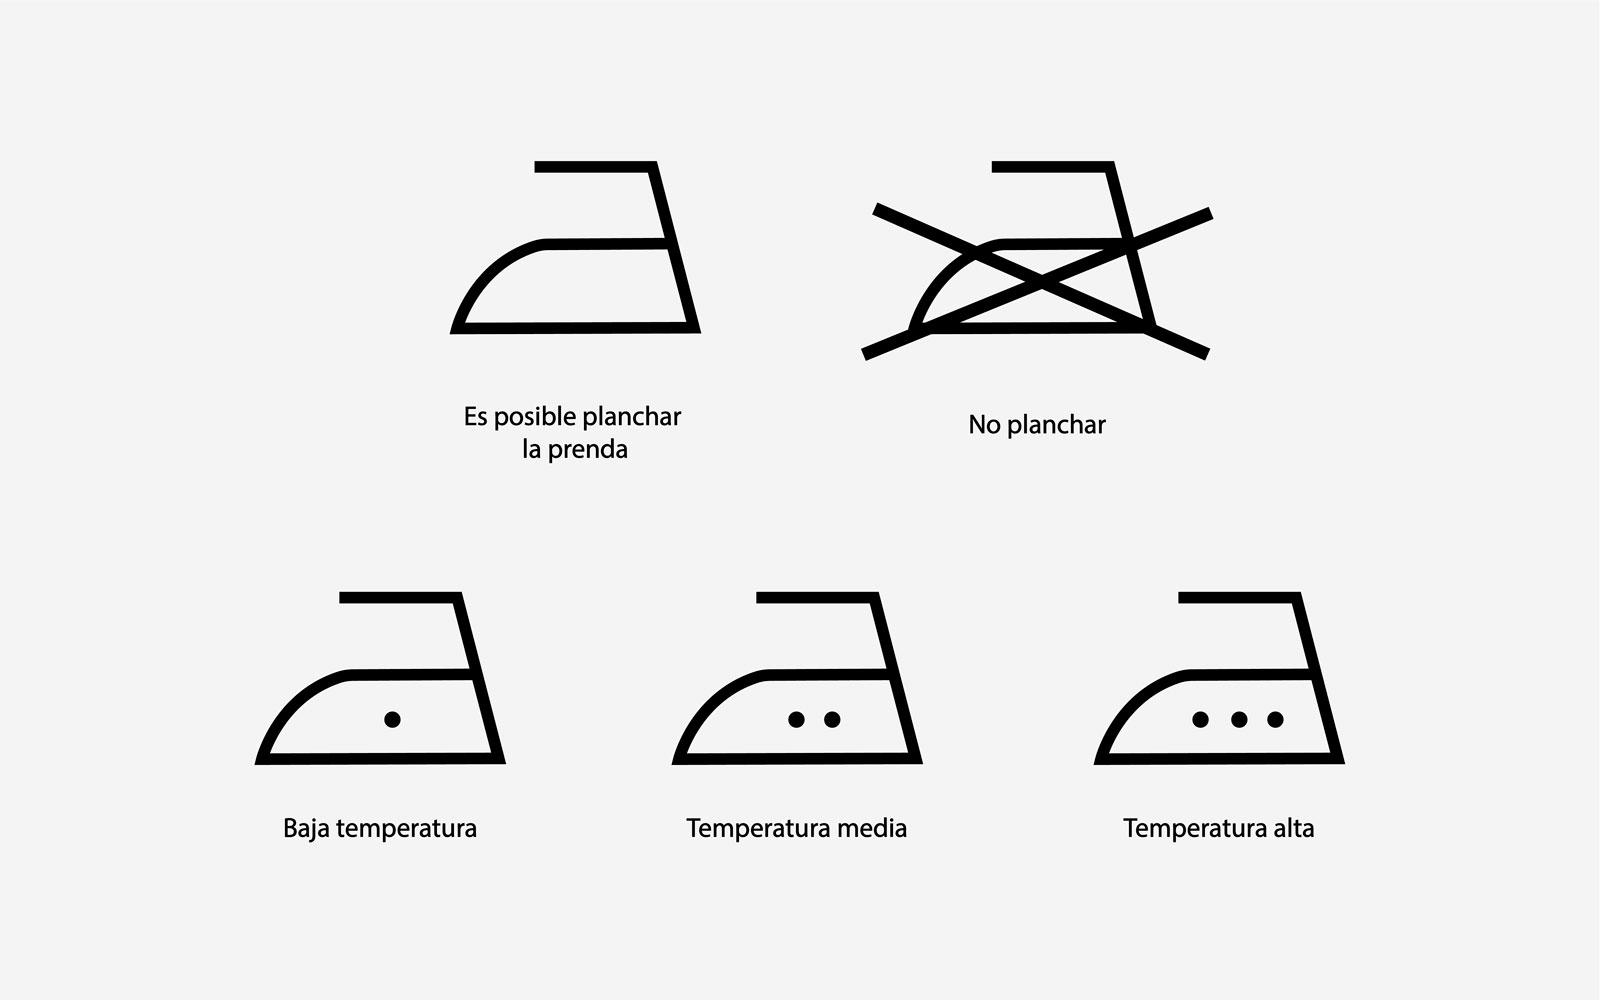 símbolos de lavado planchado